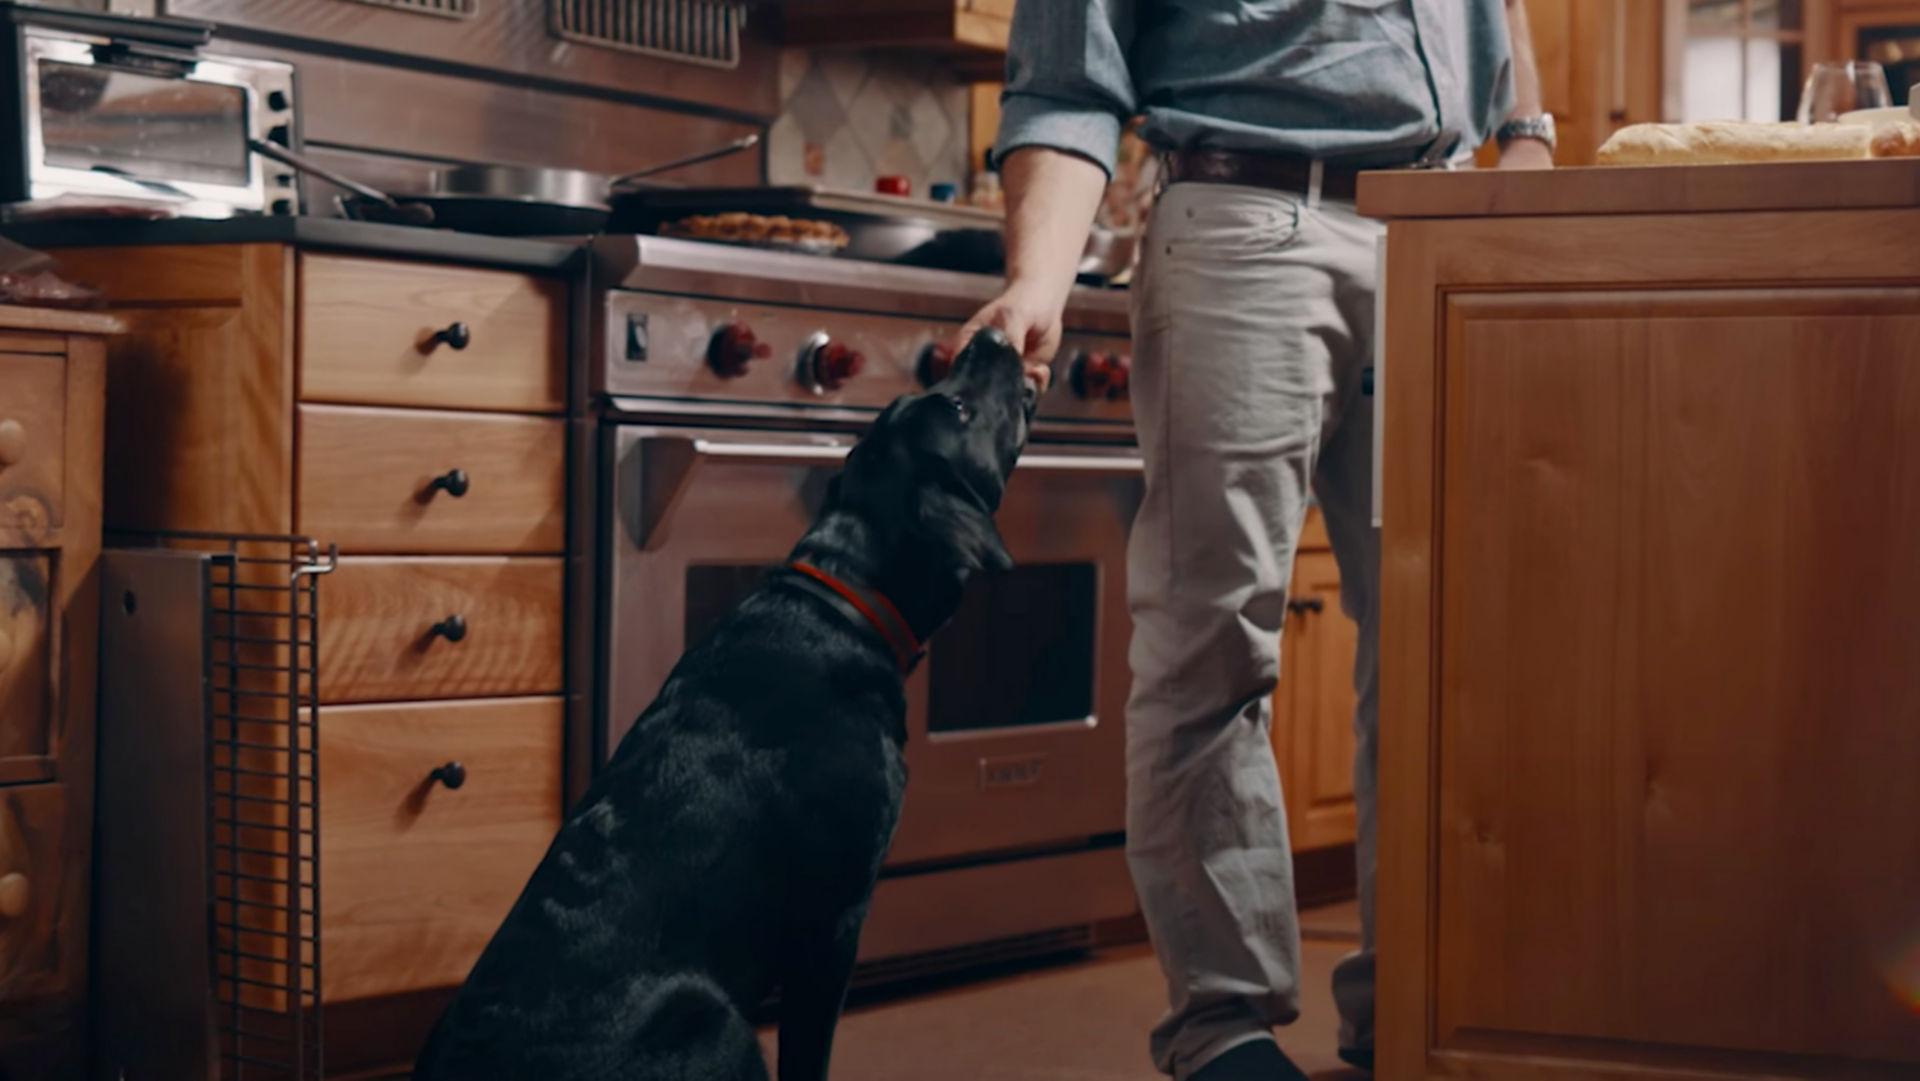 man feeding dog a treat in a kitchen